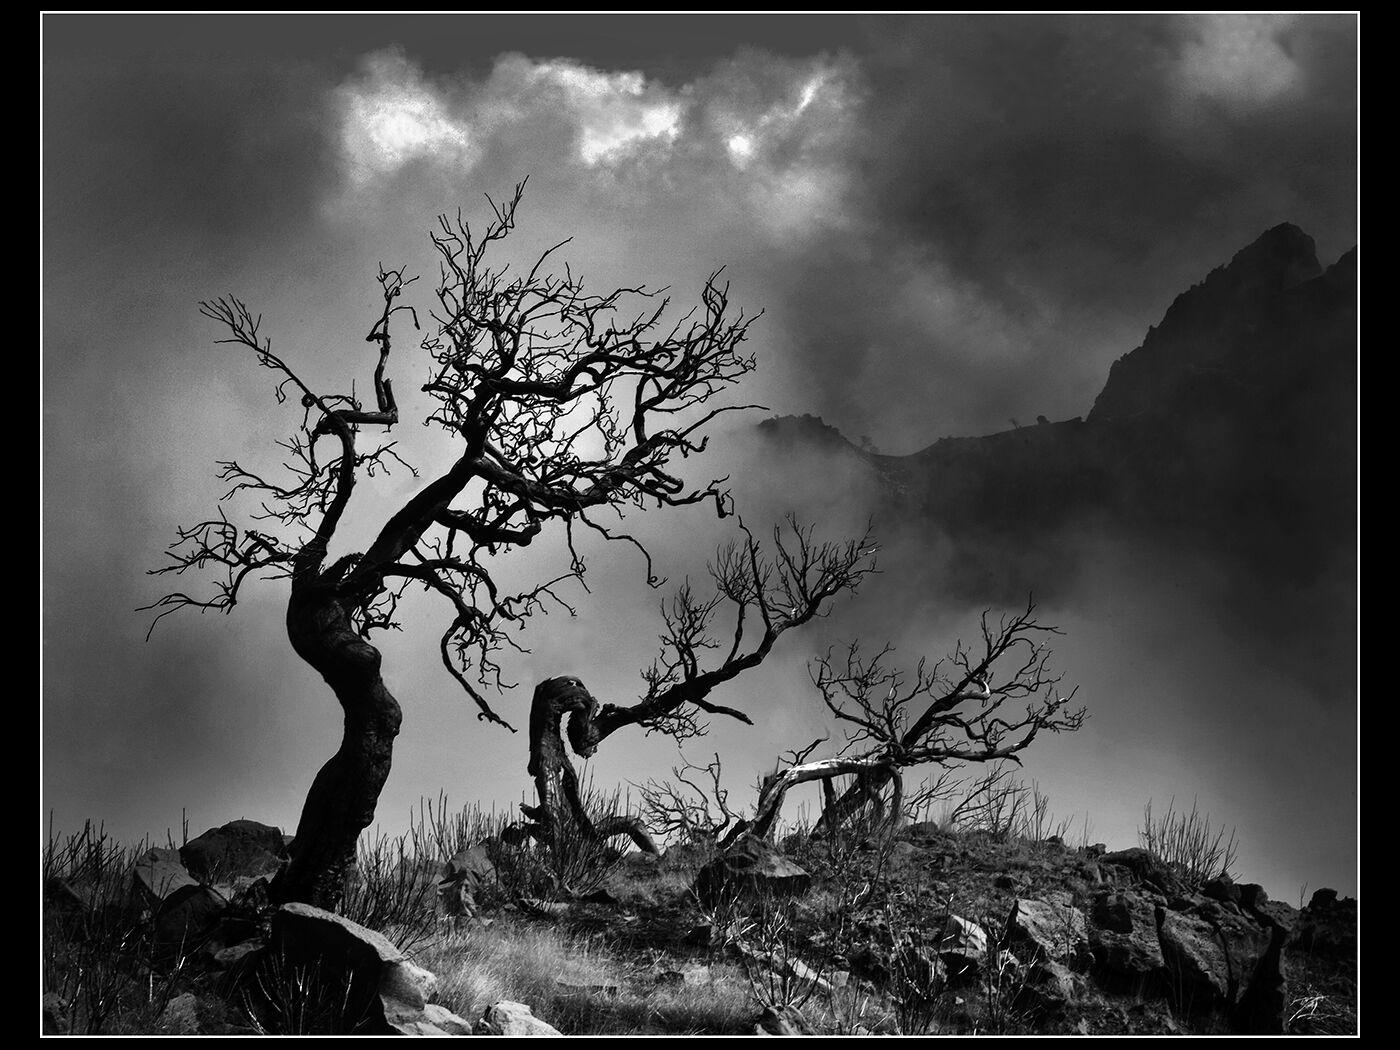 GNARLY TREES